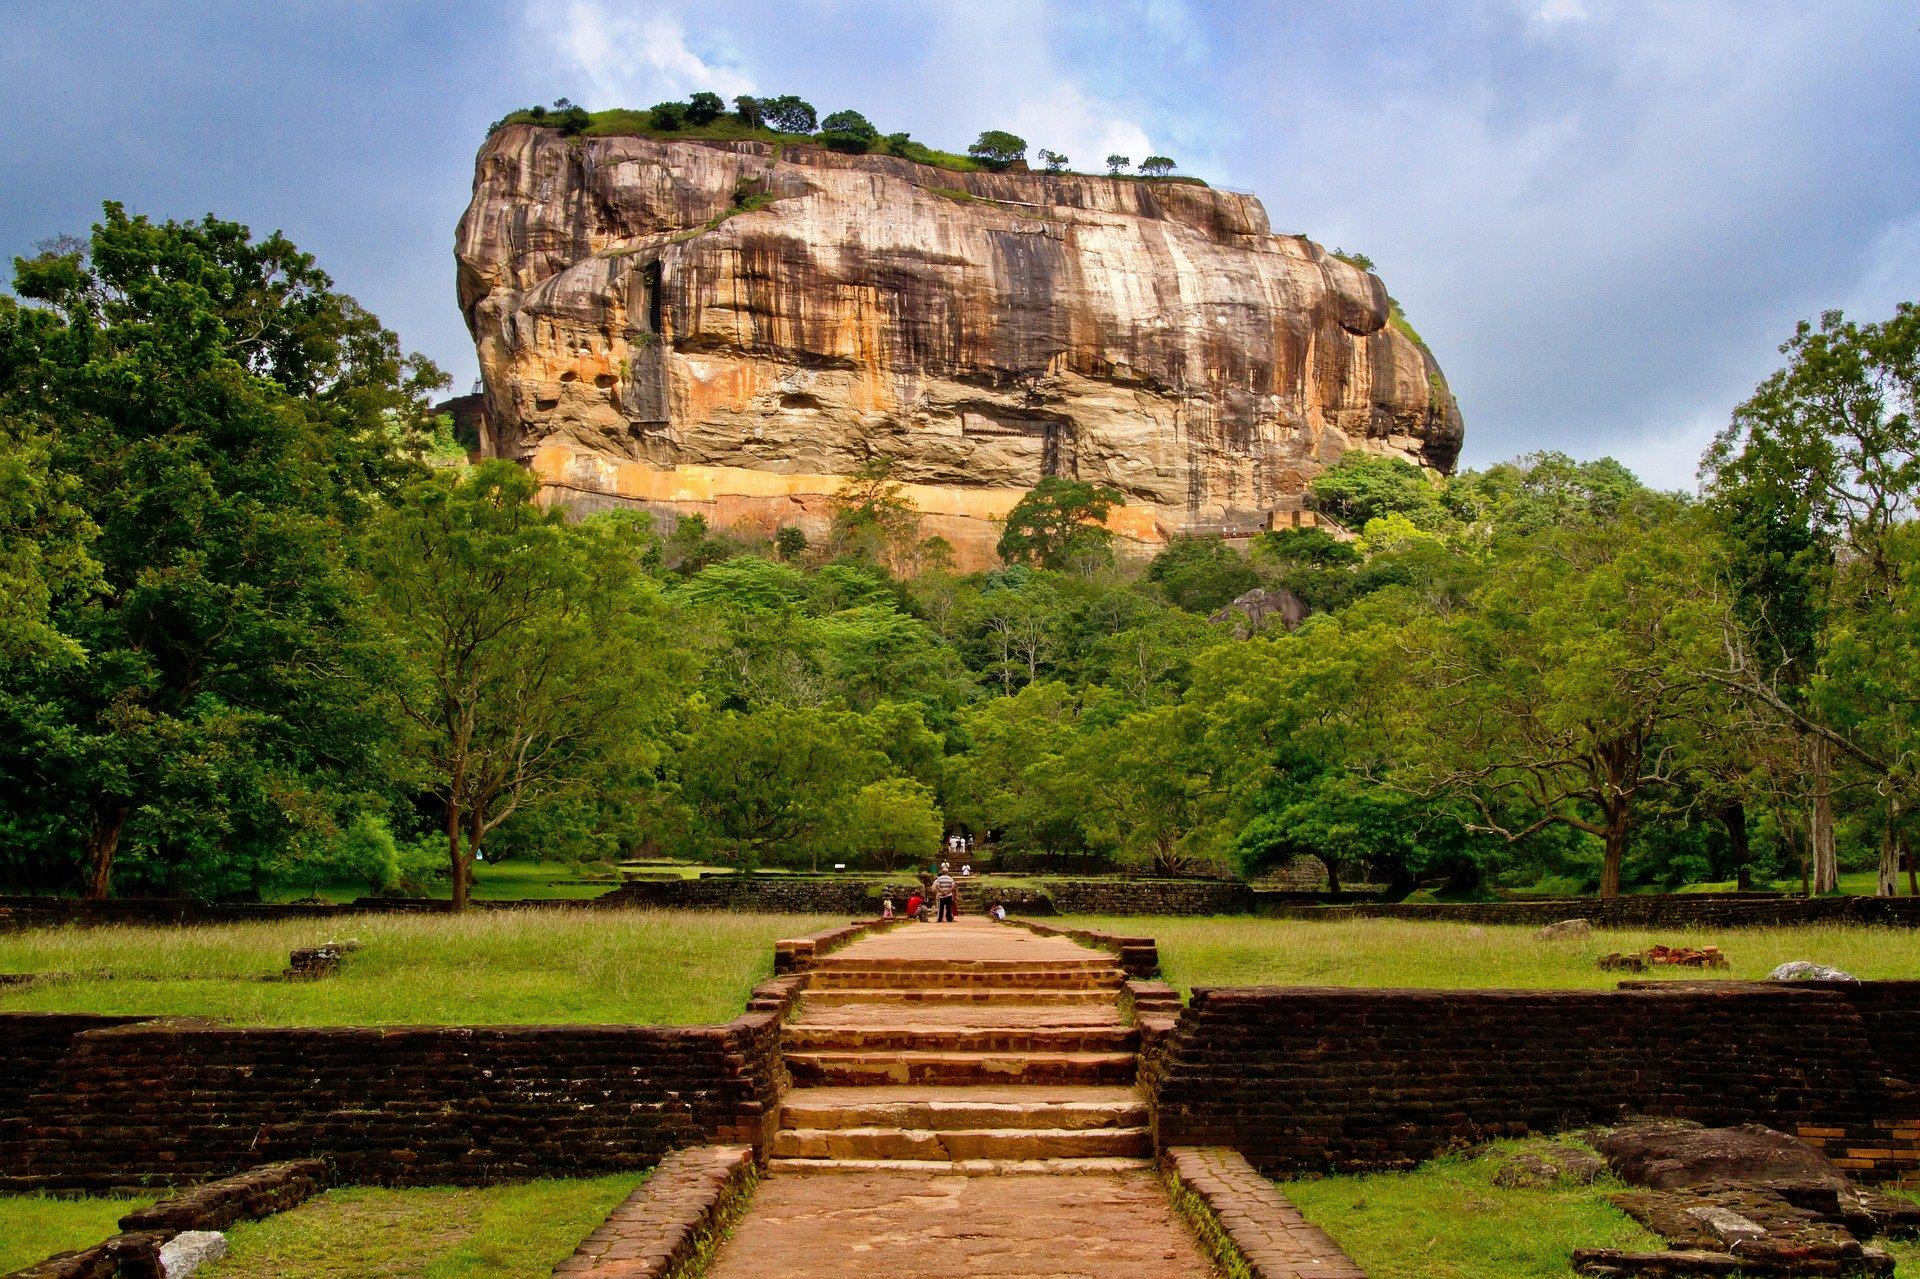 Sigyria Rock in Sri Lanka